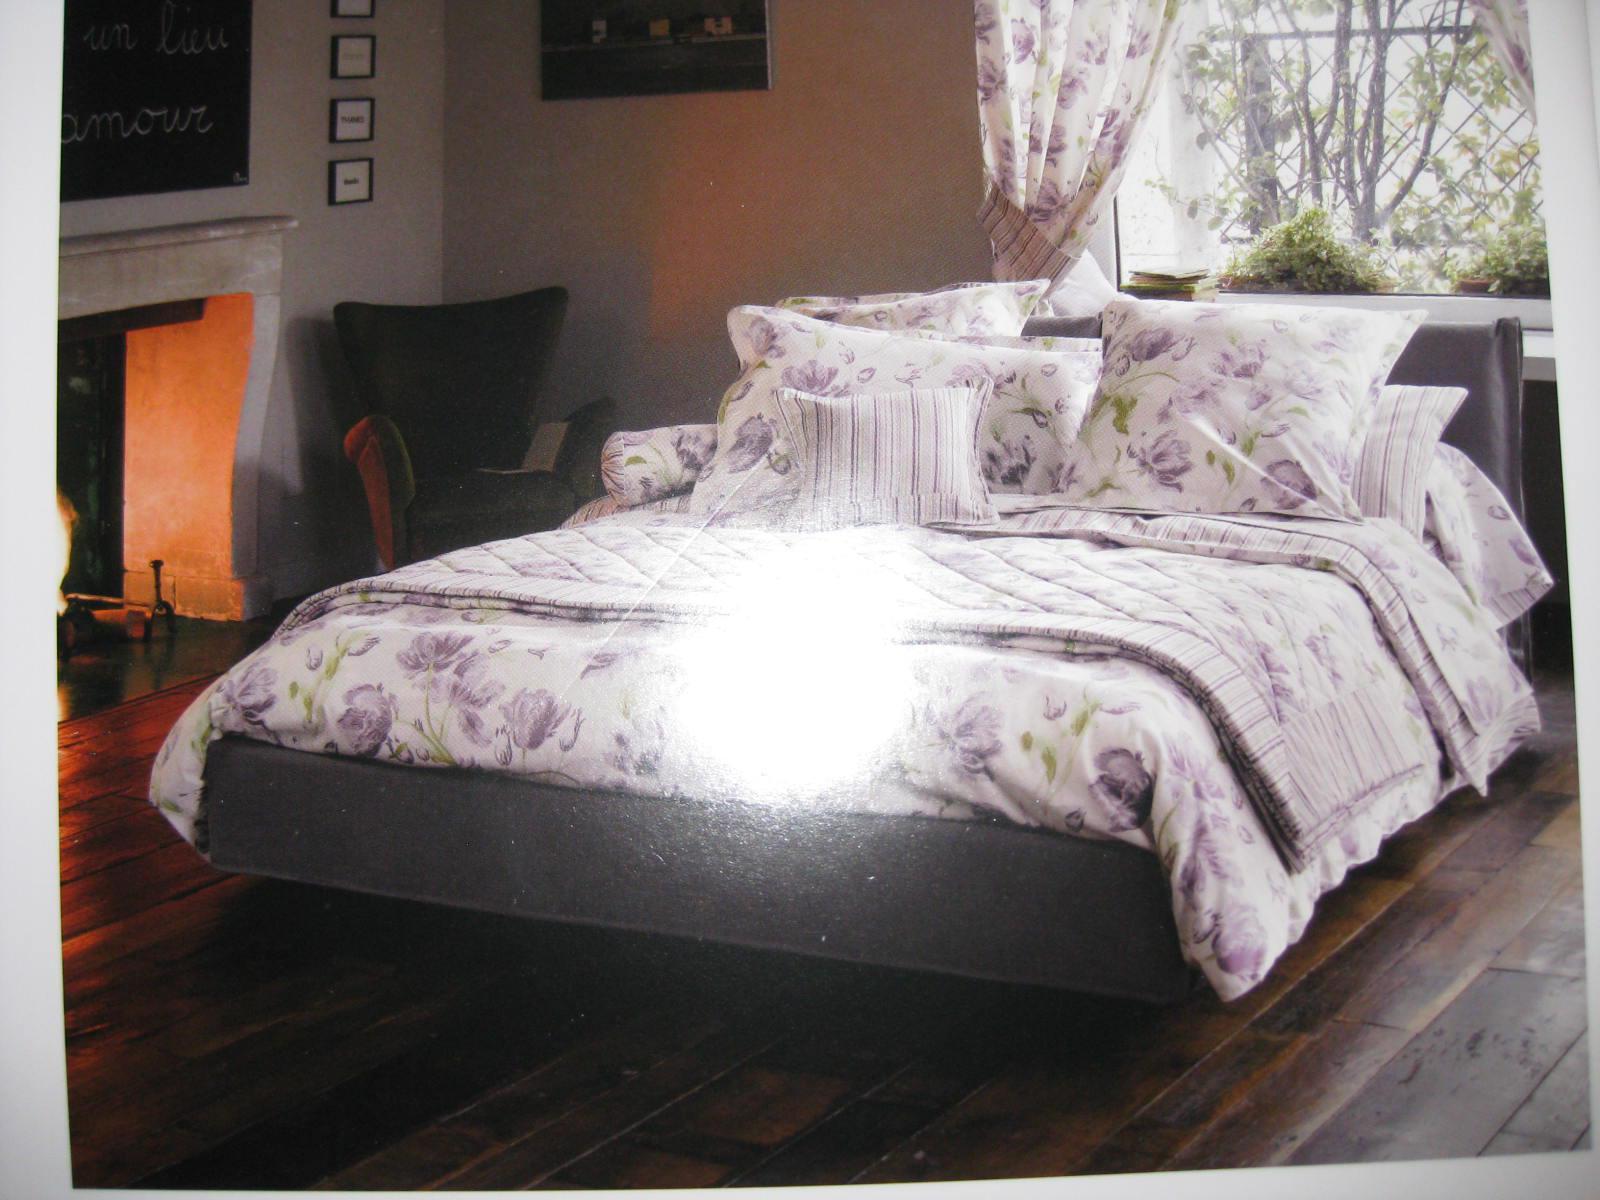 tagesdecke lakerton amethyst v8 von laura ashley 240x265 cm f r ein doppelbett kaufen bei. Black Bedroom Furniture Sets. Home Design Ideas